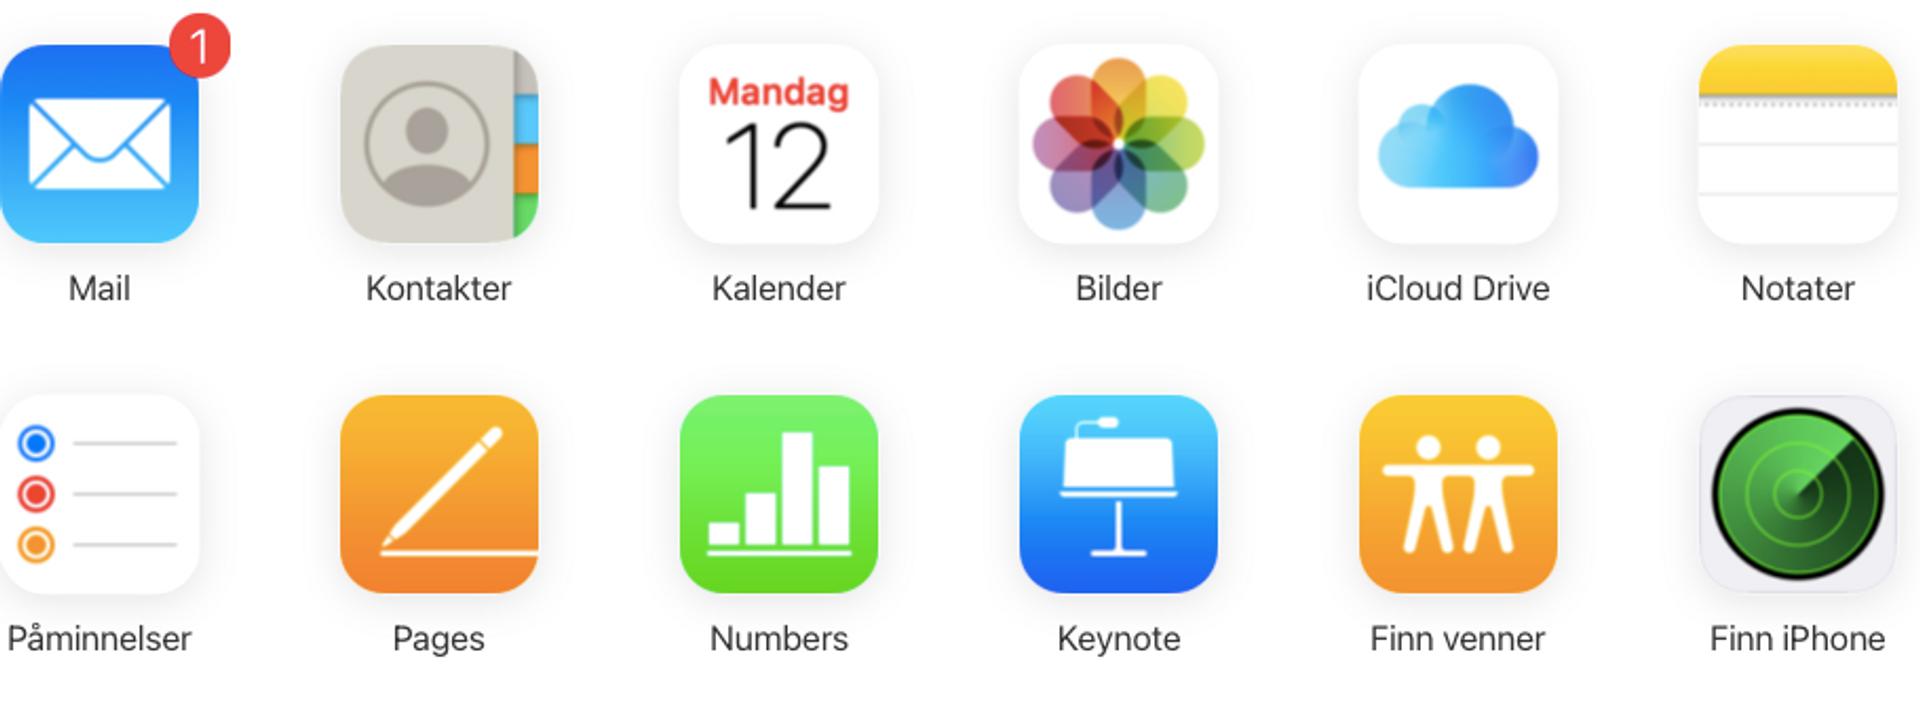 Litt om iCloud